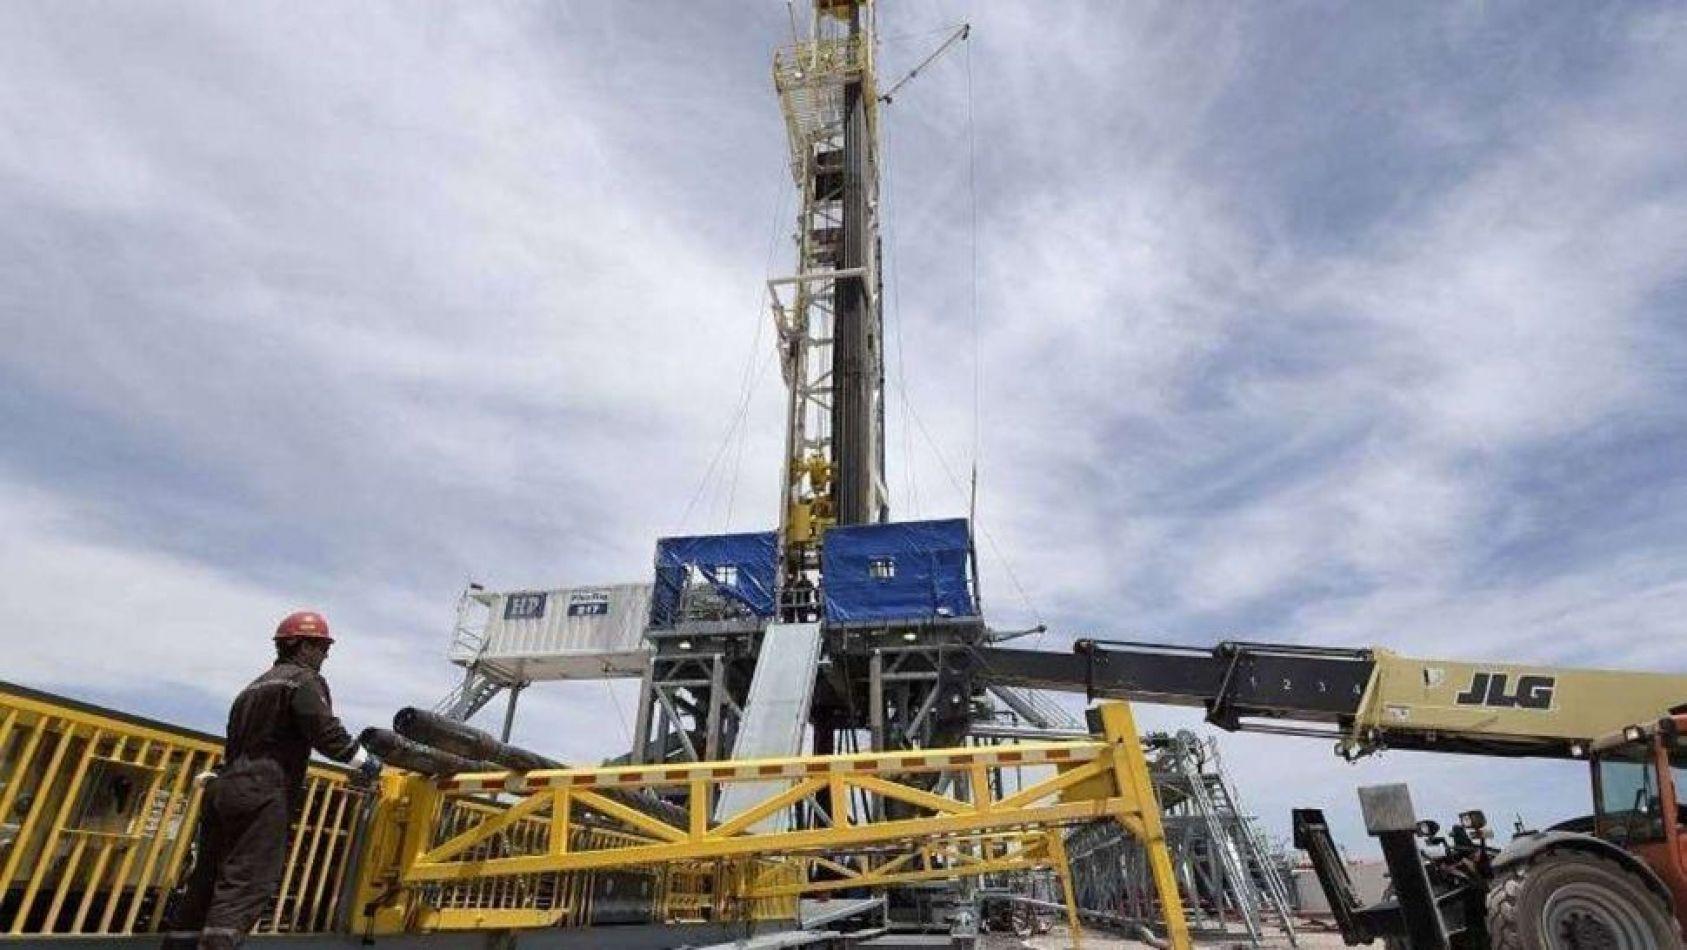 En los últimos años, Gazprom mostró interés en el área de Estación Fernández Oro, un recurso de tight gas desarrollado por YPF en Río Negro